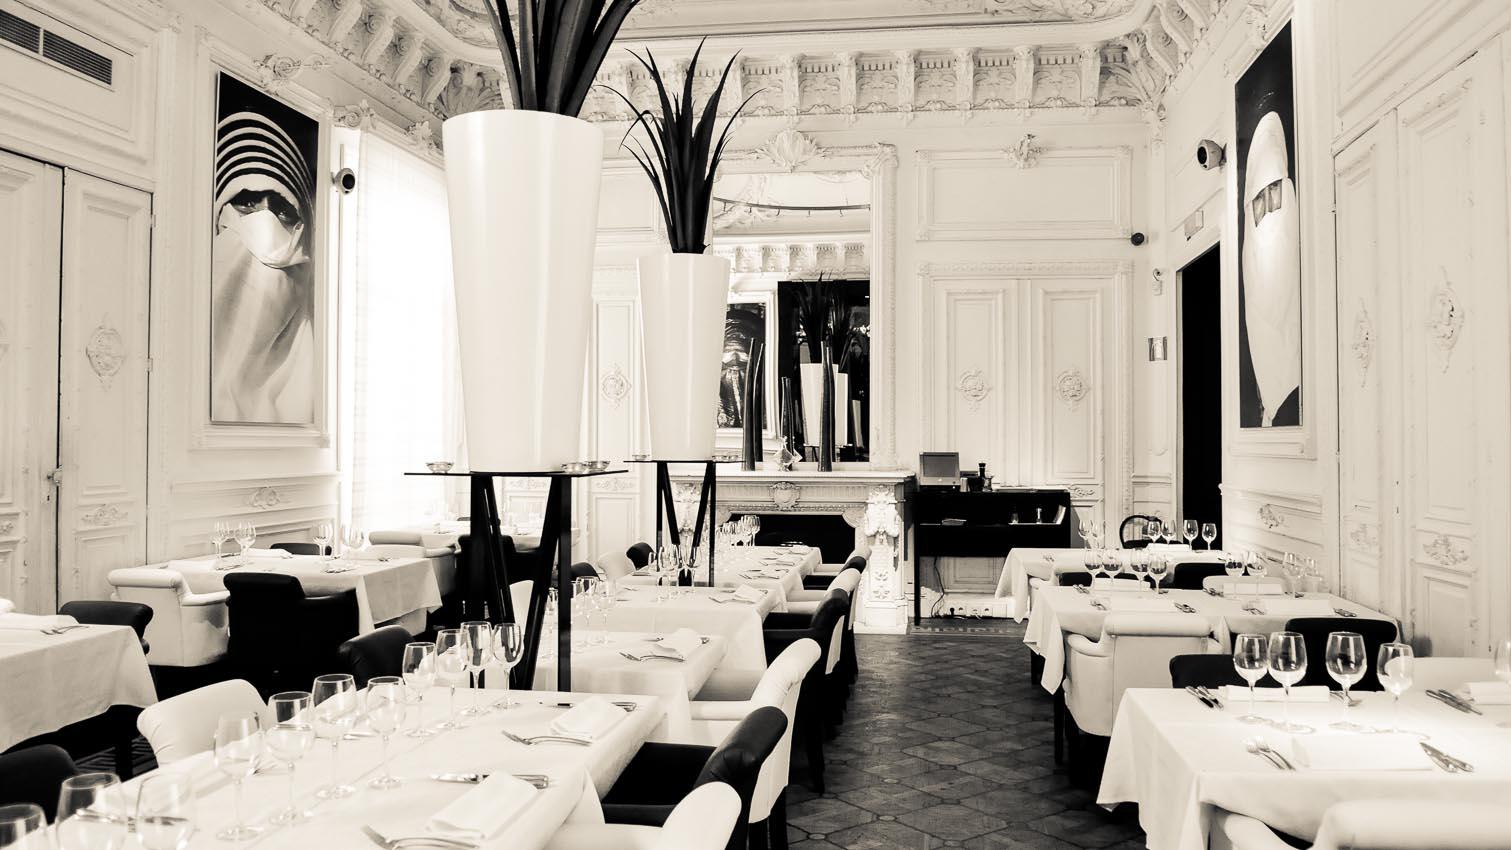 09-cafe-bar-resto-nightclub-decors-film-cinema-photo-belgium-bruxelles